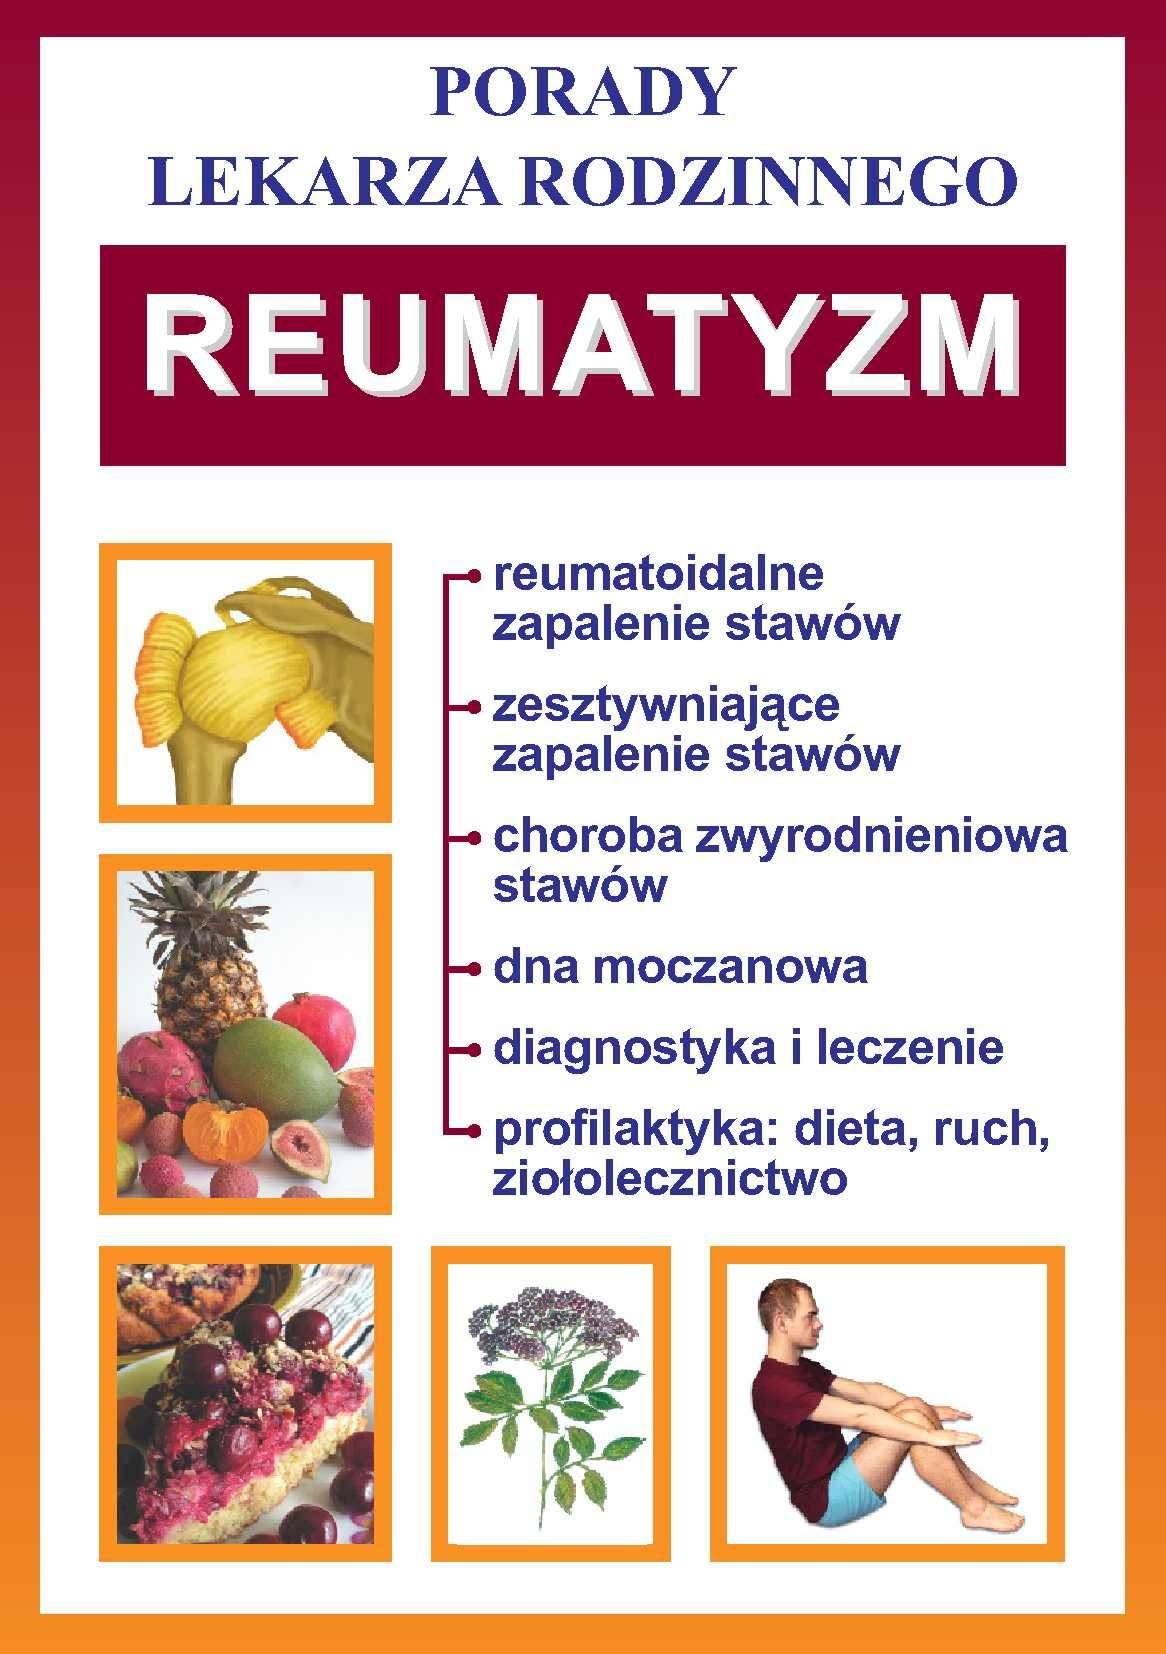 Reumatyzm. Porady lekarza rodzinnego - Ebook (Książka PDF) do pobrania w formacie PDF